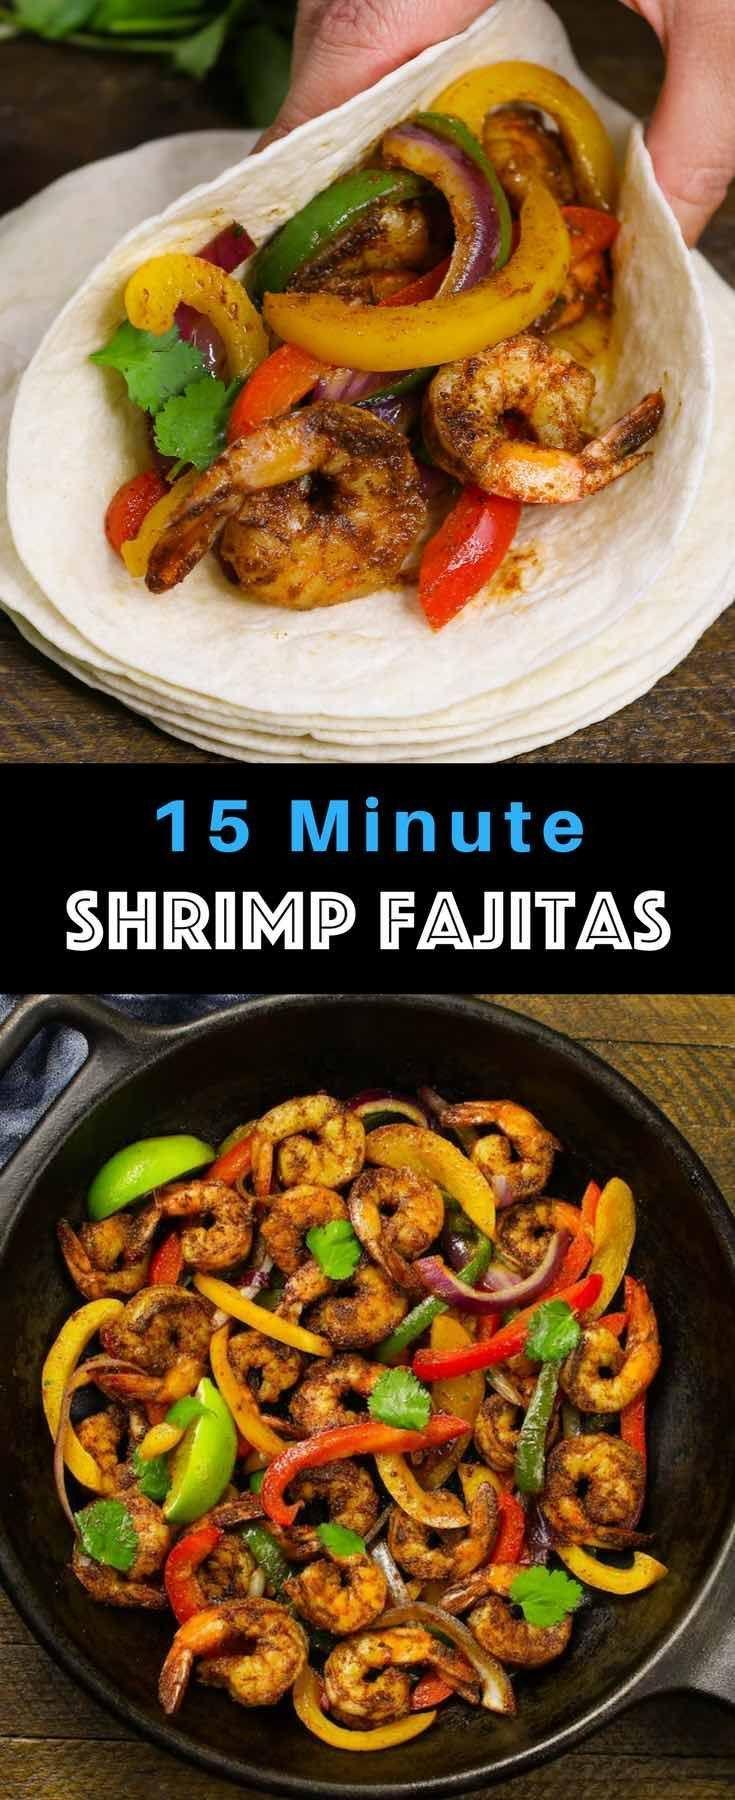 Diese Shrimp Fajitas sind in nur 15 Minuten einfach zuzubereiten - Brutzeln, Karamellisieren ...   - FOOD - #Brutzeln #Diese #einfach #Fajitas #Food #Karamellisieren #Minuten #nur #Shrimp #sind #zuzubereiten #shrimpfajitas Diese Shrimp Fajitas sind in nur 15 Minuten einfach zuzubereiten - Brutzeln, Karamellisieren ...   - FOOD - #Brutzeln #Diese #einfach #Fajitas #Food #Karamellisieren #Minuten #nur #Shrimp #sind #zuzubereiten #shrimpfajitas